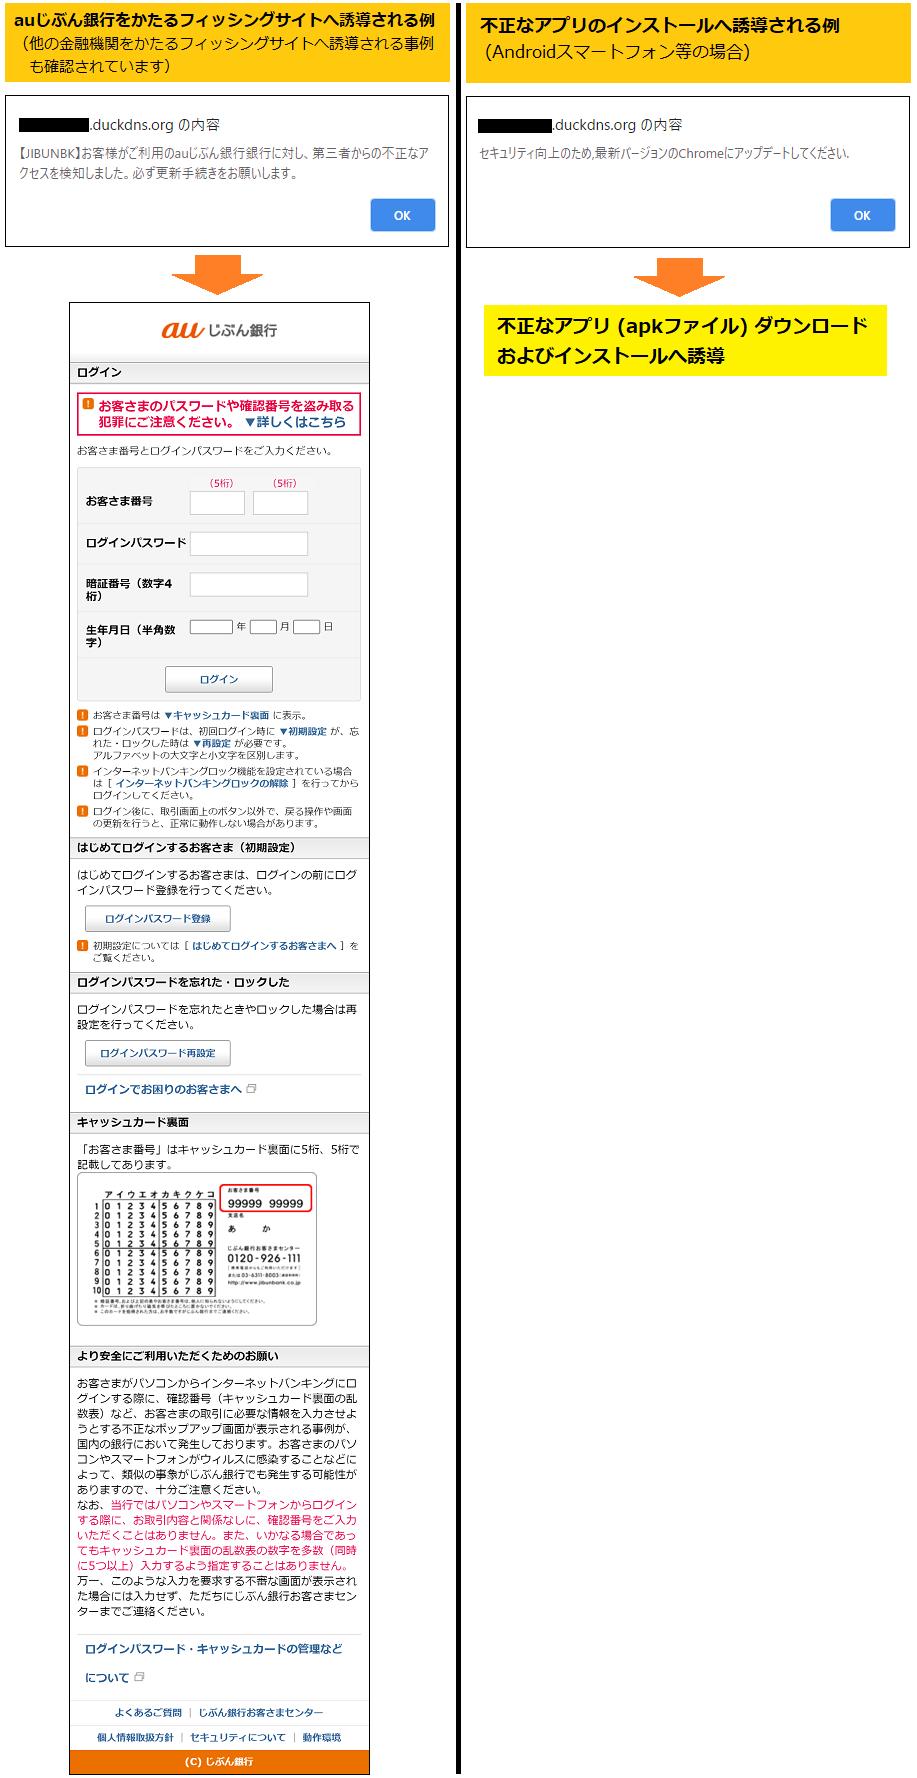 誘導先のフィッシングサイト。不正アプリのインストールへ誘導される事例も確認されている(フィッシング対策協議会の緊急情報より)